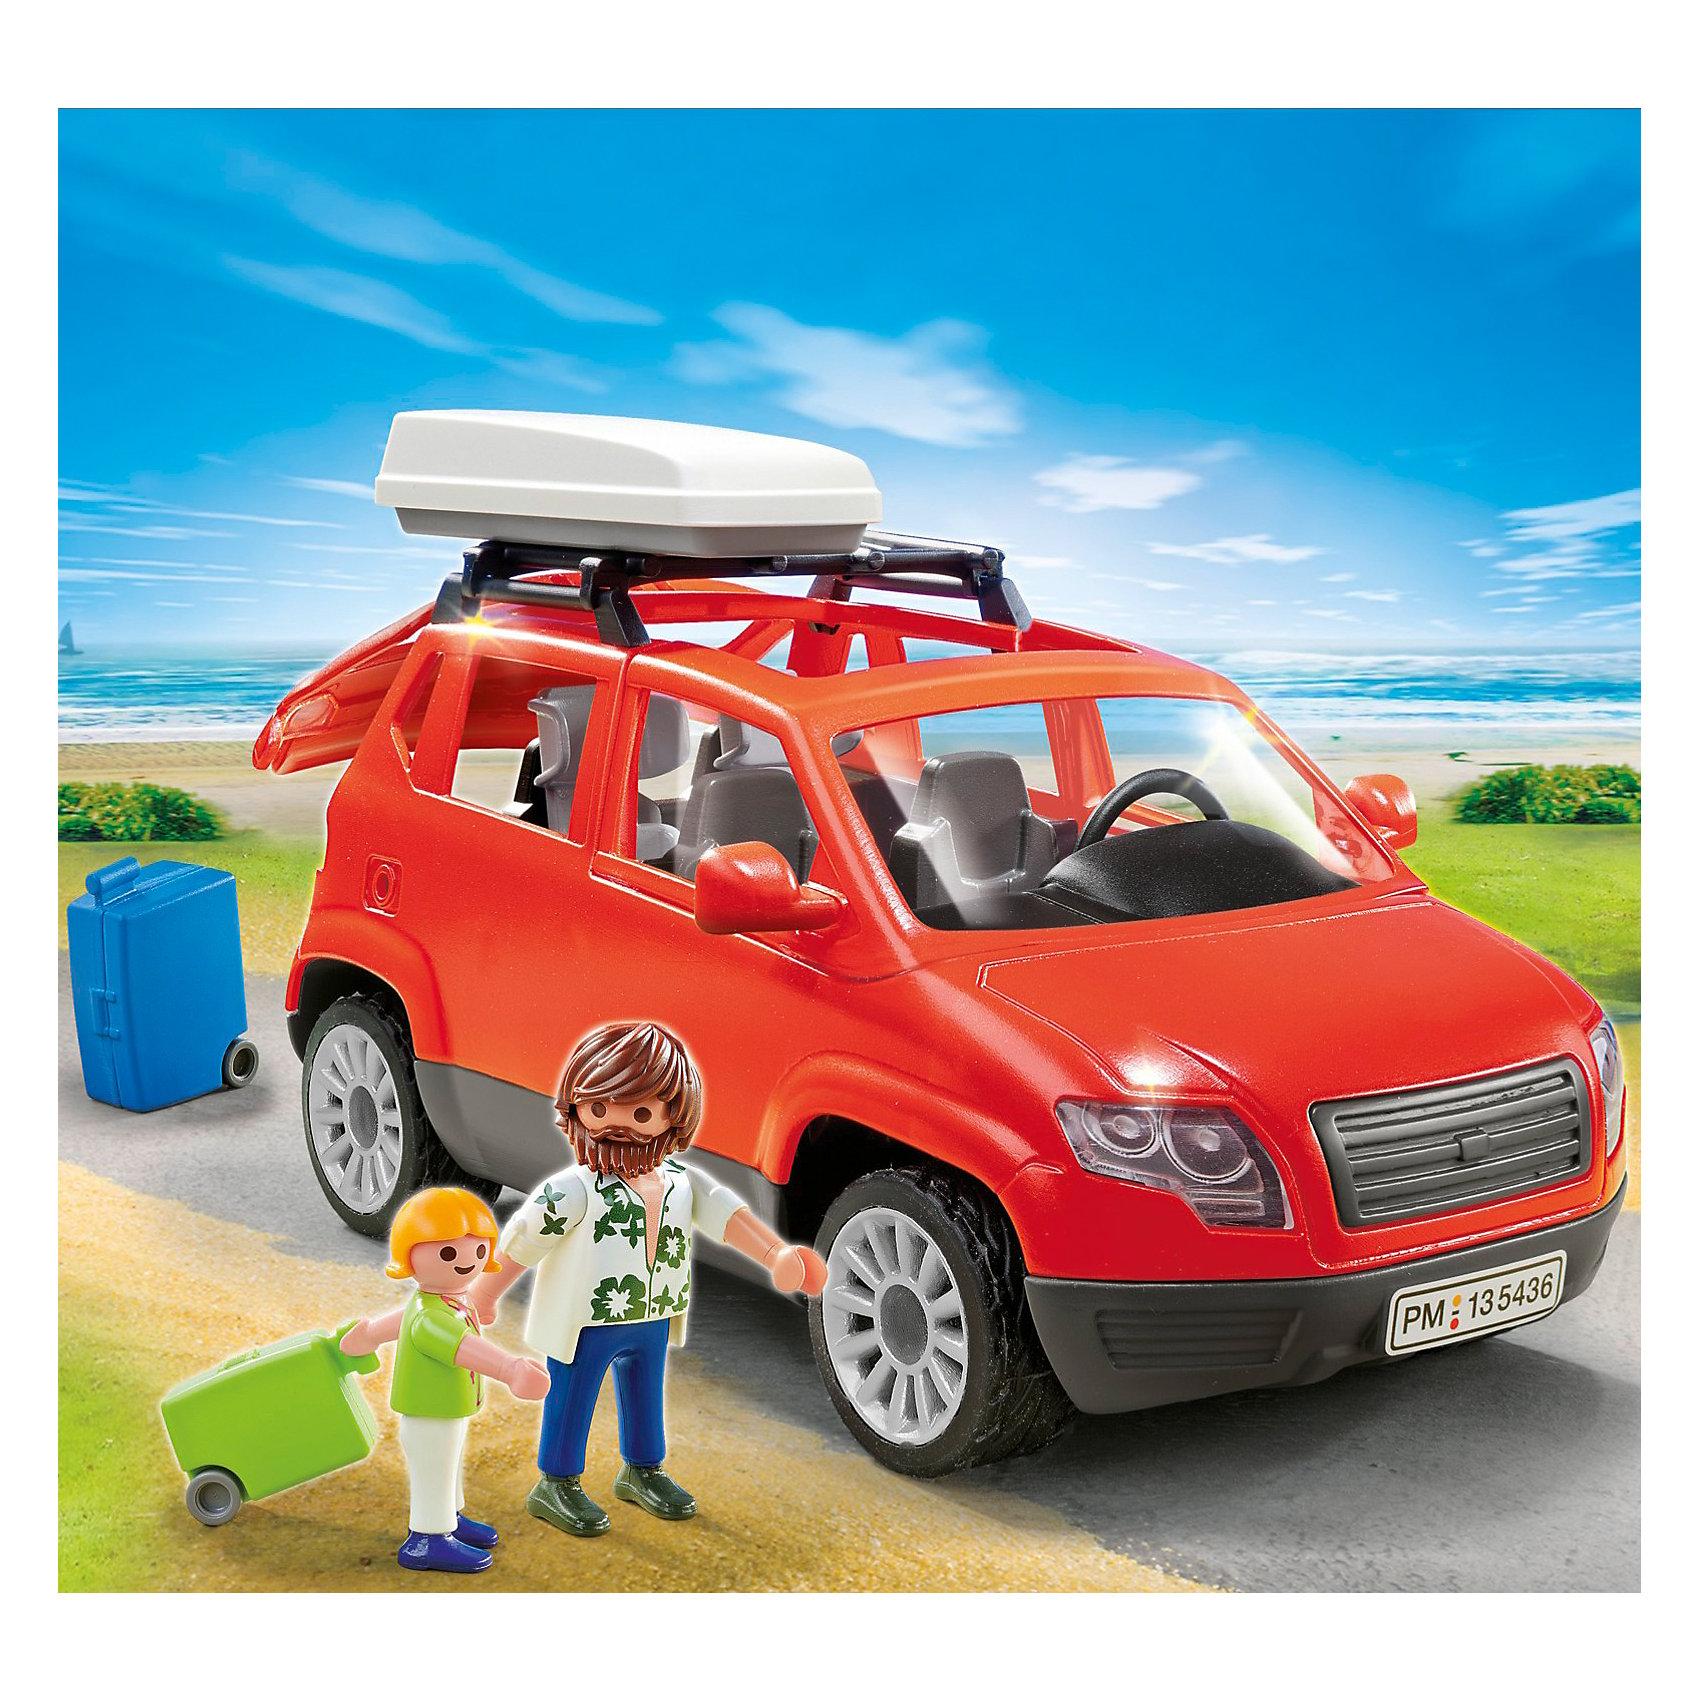 Каникулы: Семейный автомобиль, PLAYMOBILКаникулы: Семейный автомобиль, PLAYMOBIL (Плэймобил)<br><br>Характеристики:<br><br>• полный комплект для игрового сюжета<br>• развивает моторику, координацию движений и воображение<br>• материал: пластик<br>• в комплекте: автомобиль, 2 фигурки, аксессуары<br>• высота фигурки взрослого: 7,5 см<br>• высота фигурки ребенка: 5,25 см<br>• размер упаковки: 30х10х15 см<br>• размер игрушки: 23х13х13 см<br>• вес: 600 грамм<br>• количество деталей: 37 шт.<br><br>С помощью набора Каникулы: Семейный автомобиль ребенок сможет создать настоящий сюжет для игр с друзьями. В комплект входит автомобиль с багажником, в котором поместятся чемоданы. Также, в наборе есть фигурки папы и девочки. Детское автокресло добавит игре еще больше реалистичности. Подарите ребенку веселые каникулы вместе с дружной семьей!<br><br>Каникулы: Семейный автомобиль, PLAYMOBIL (Плэймобил)вы можете купить в нашем интернет-магазине.<br><br>Ширина мм: 305<br>Глубина мм: 251<br>Высота мм: 104<br>Вес г: 580<br>Возраст от месяцев: 48<br>Возраст до месяцев: 120<br>Пол: Унисекс<br>Возраст: Детский<br>SKU: 2554750